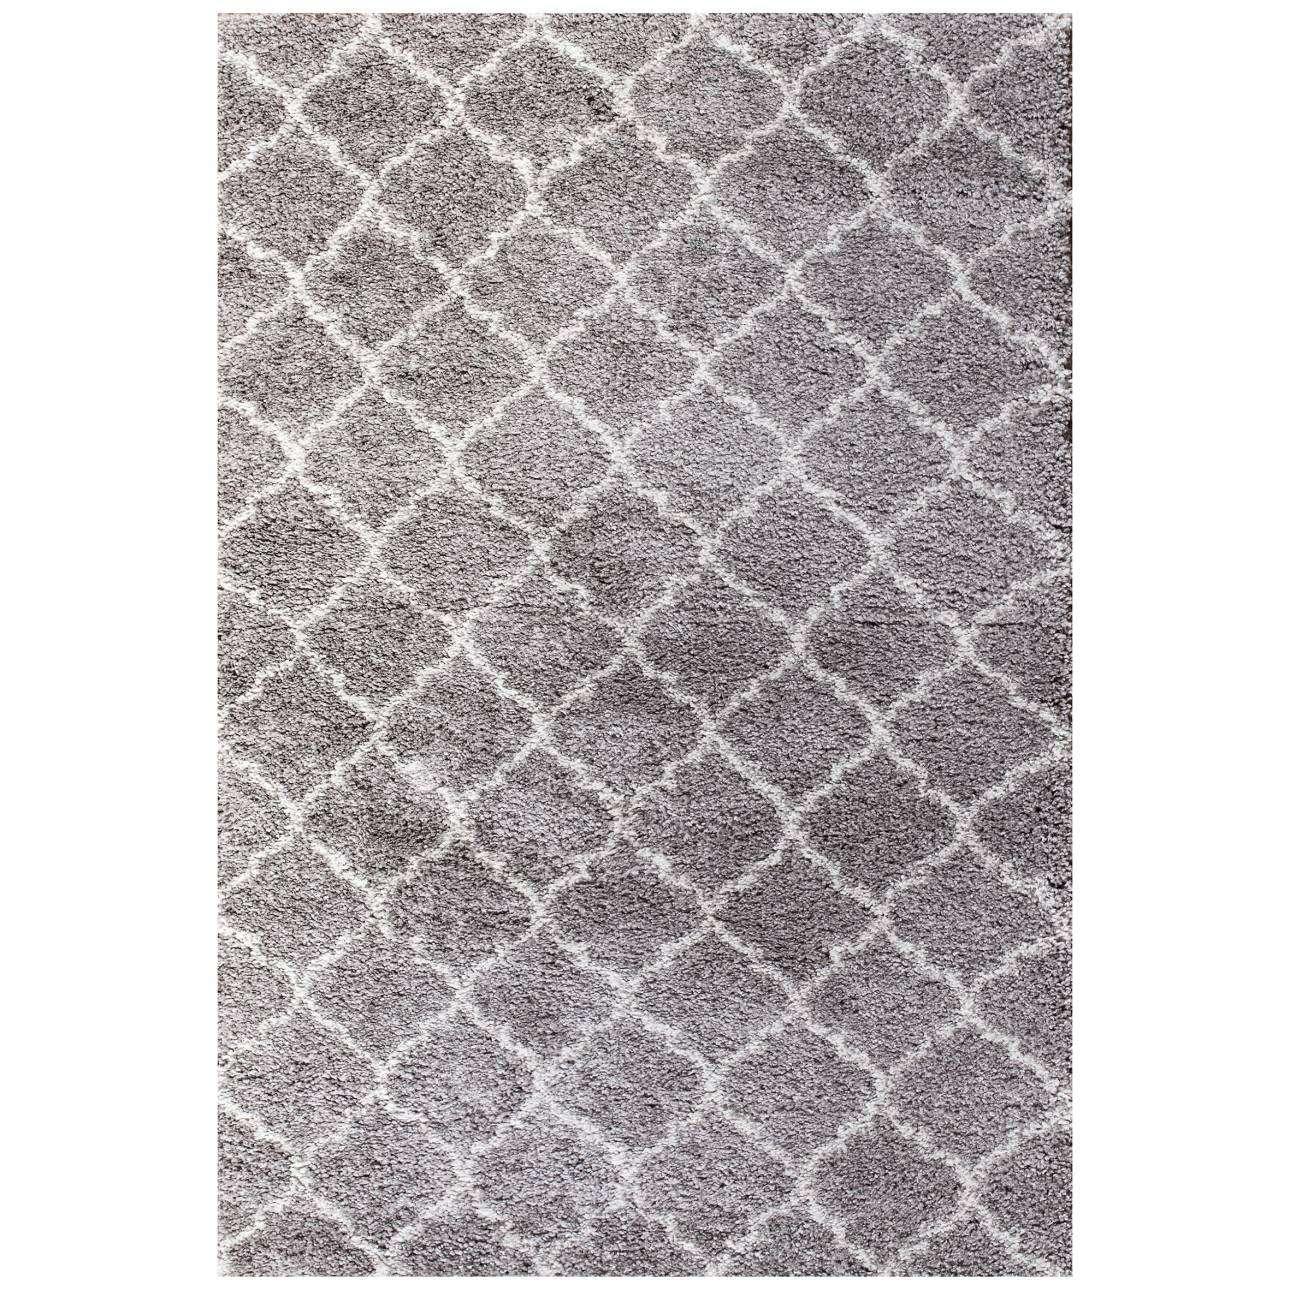 Dywan Royal Marocco light grey/cream 160x230cm